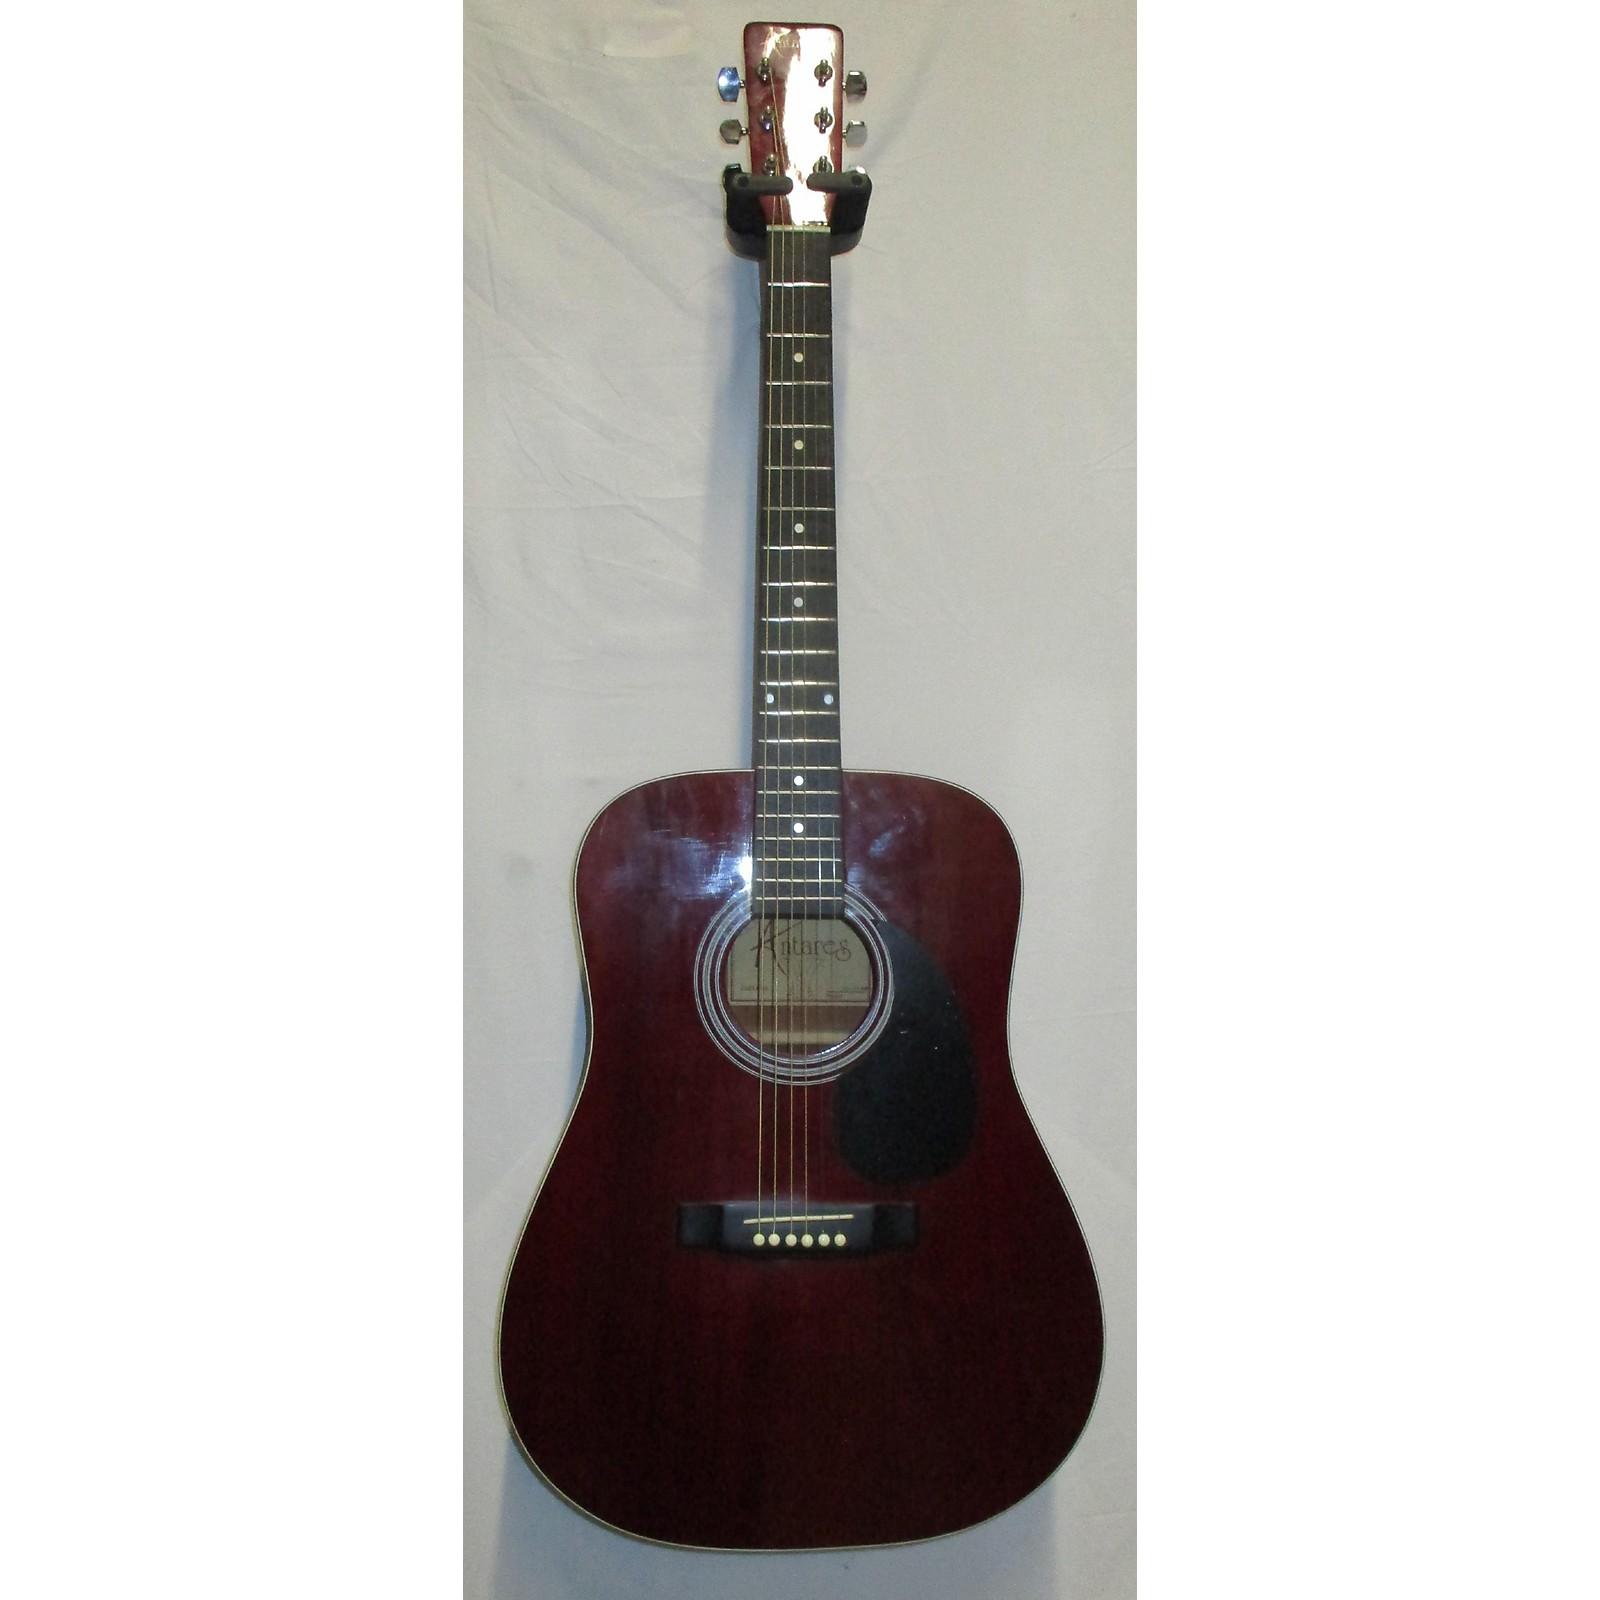 Kremona Verea Classical Acoustic Electric Guitar